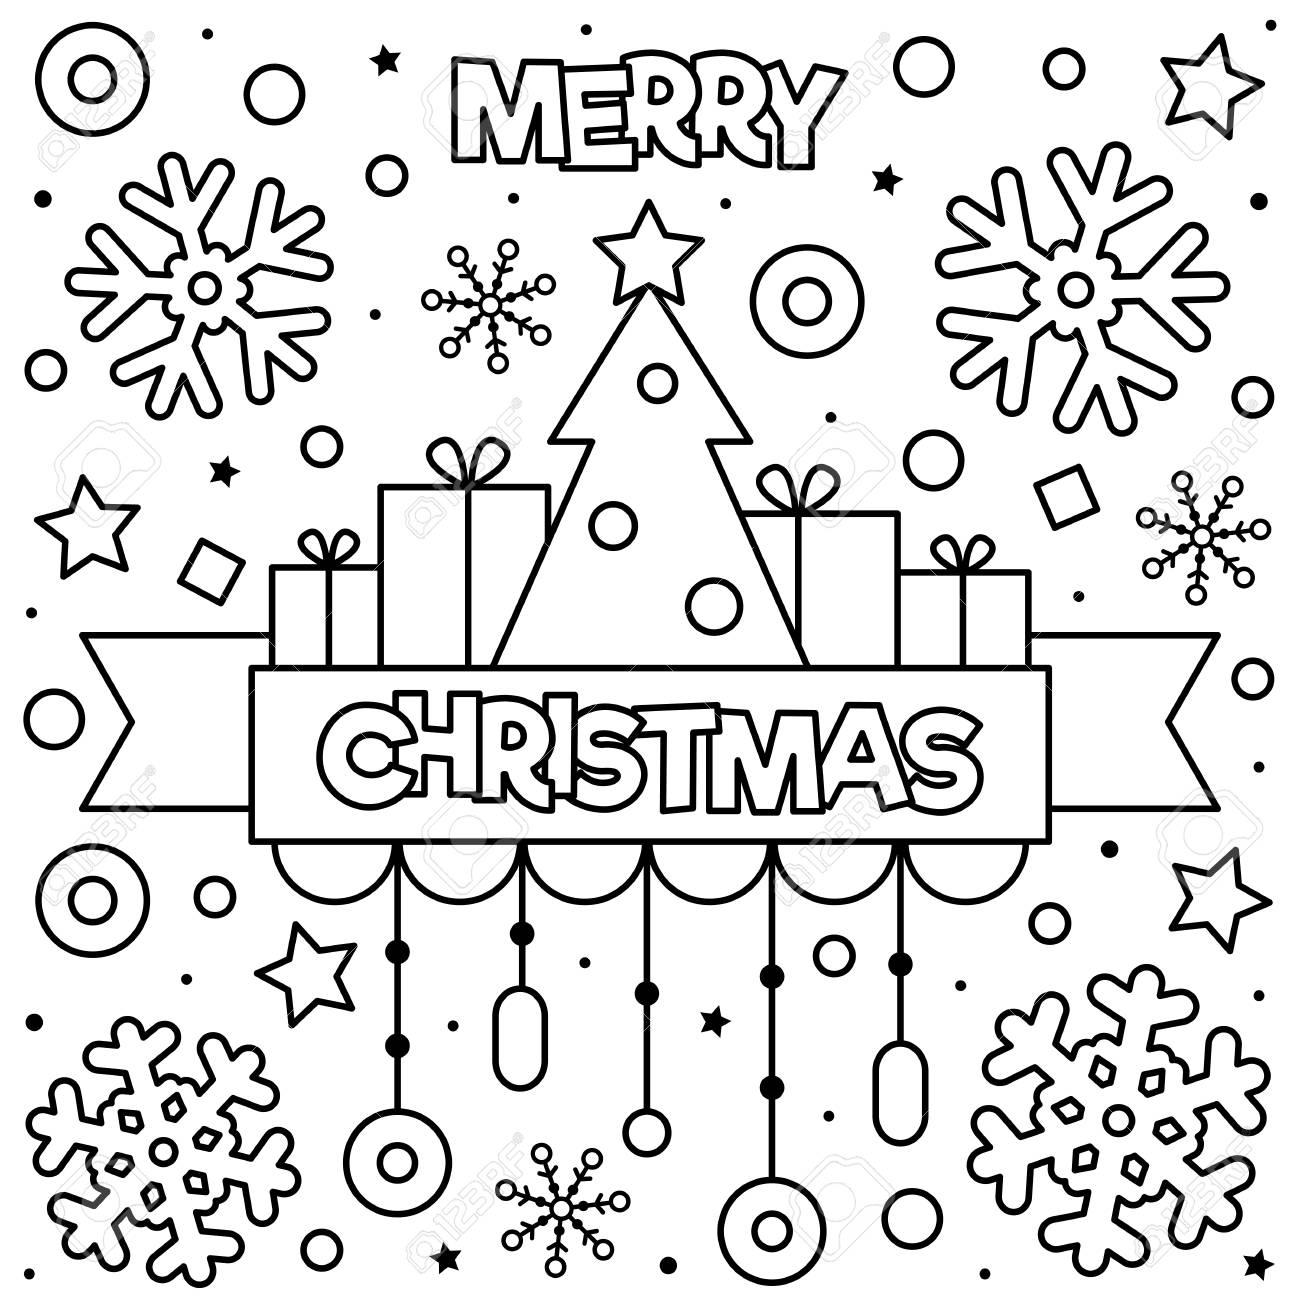 Feliz Navidad Dibujo Para Colorear Negro Y Blanco Ilustracion